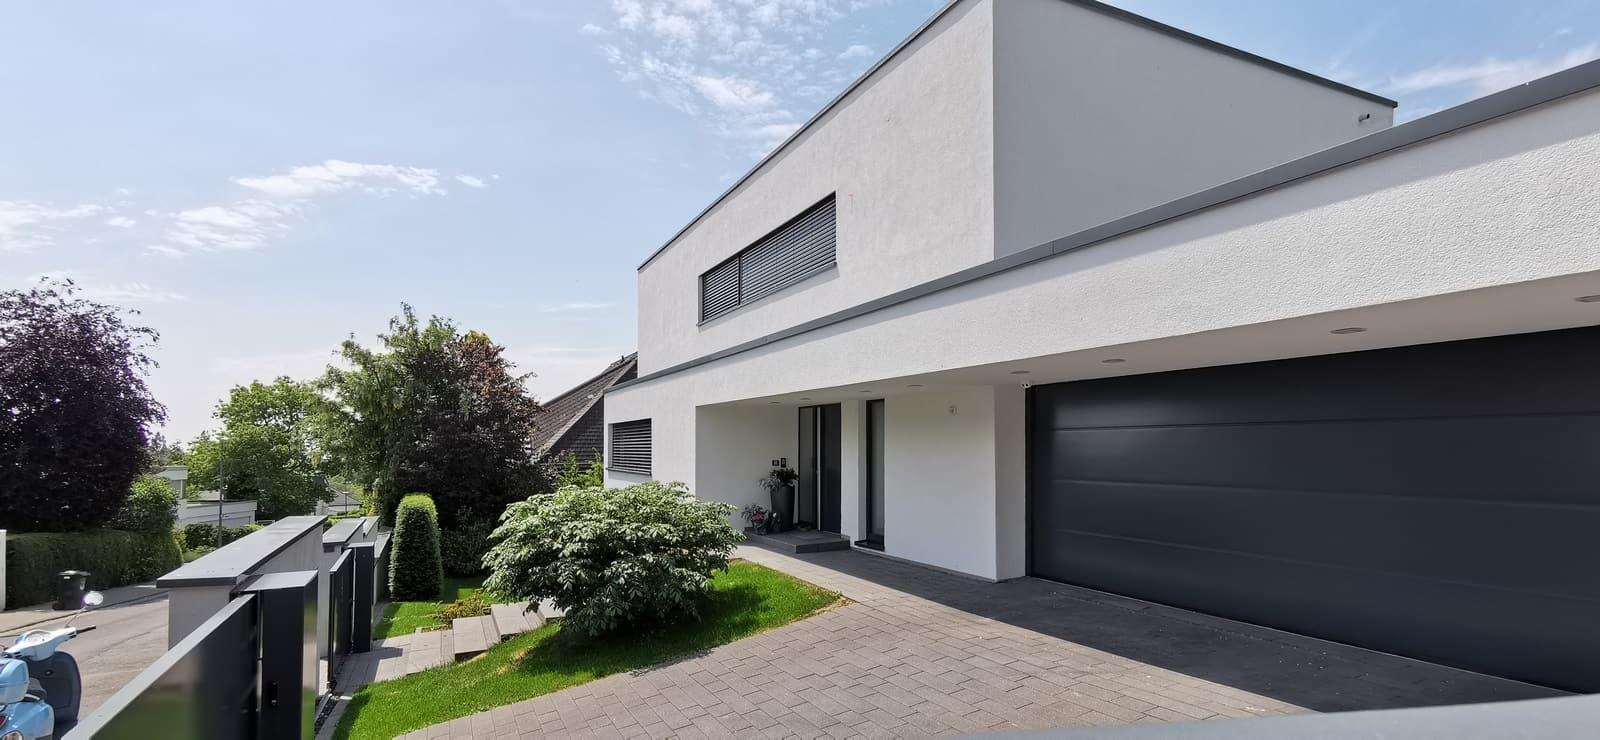 Einfamilienhaus Flachdach